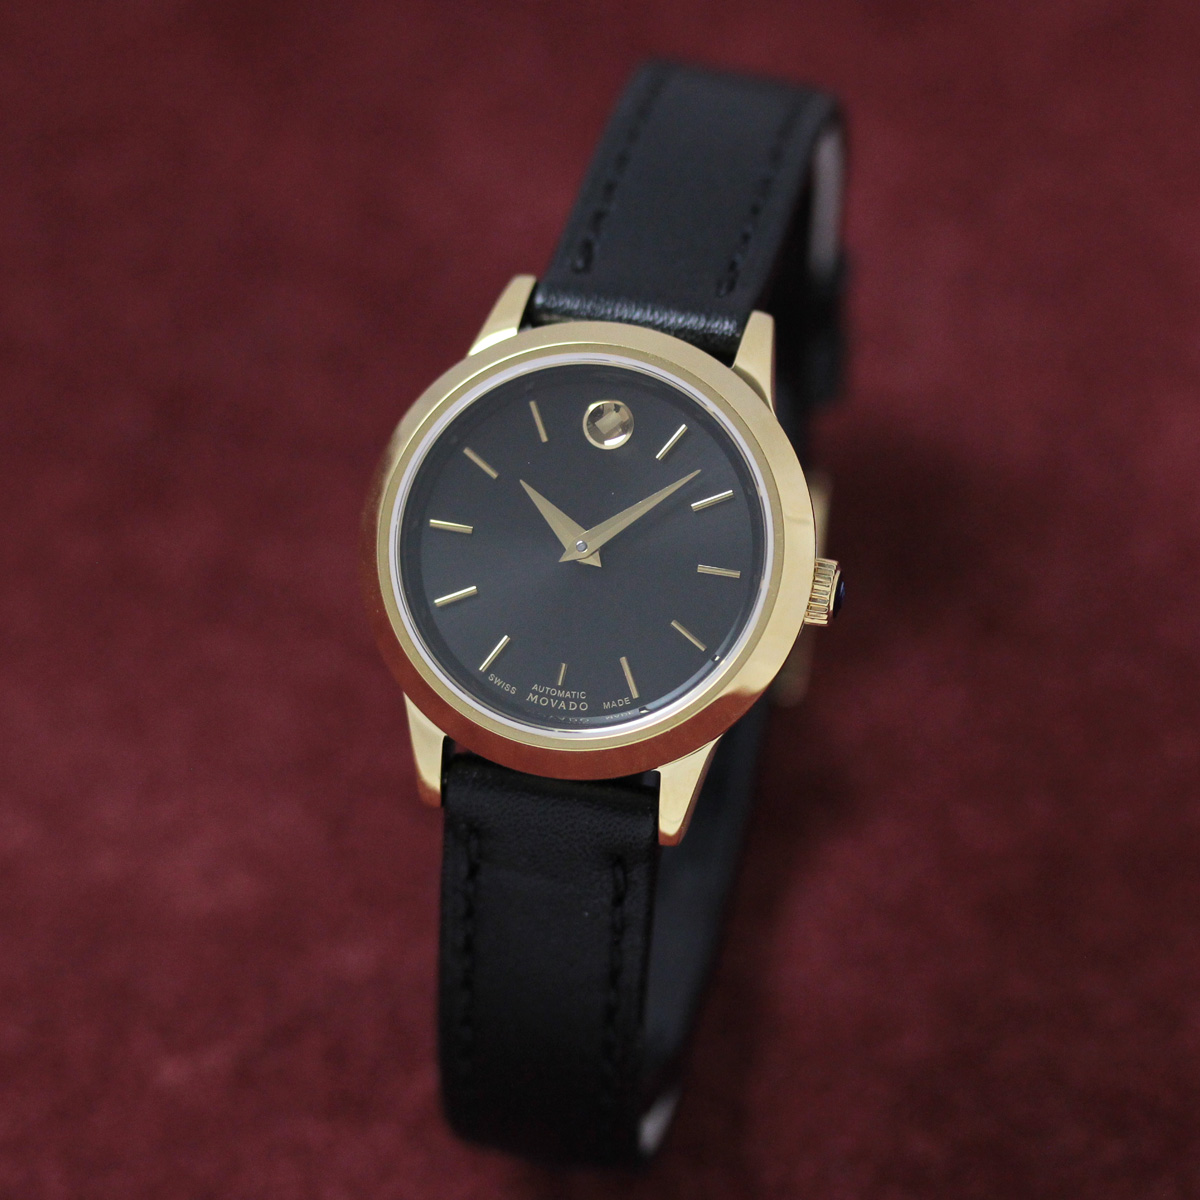 モバード 自動巻き 女性用腕時計m06069258303l